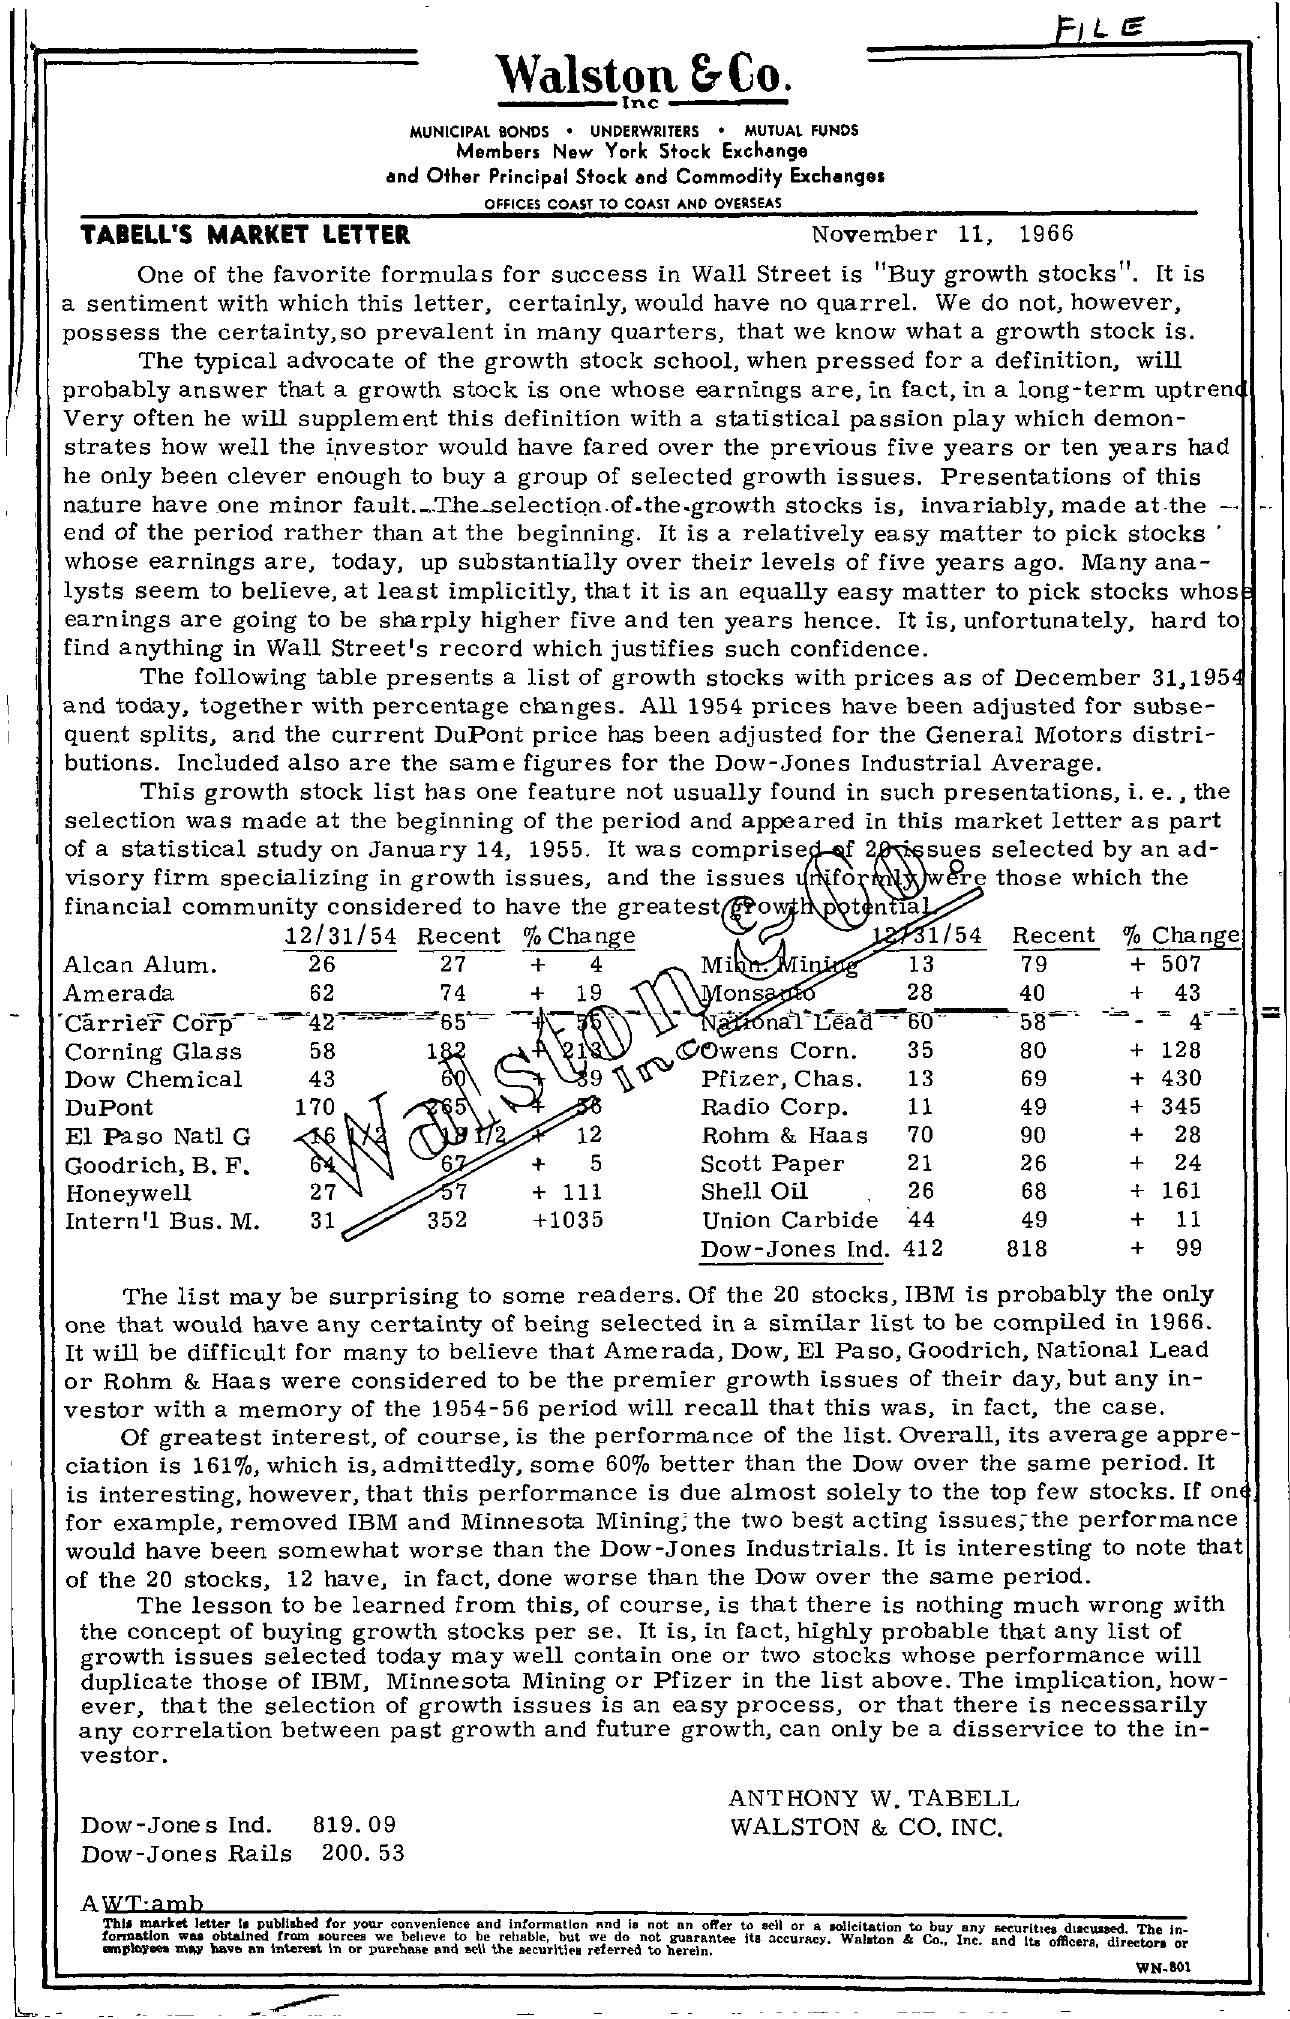 Tabell's Market Letter - November 11, 1966